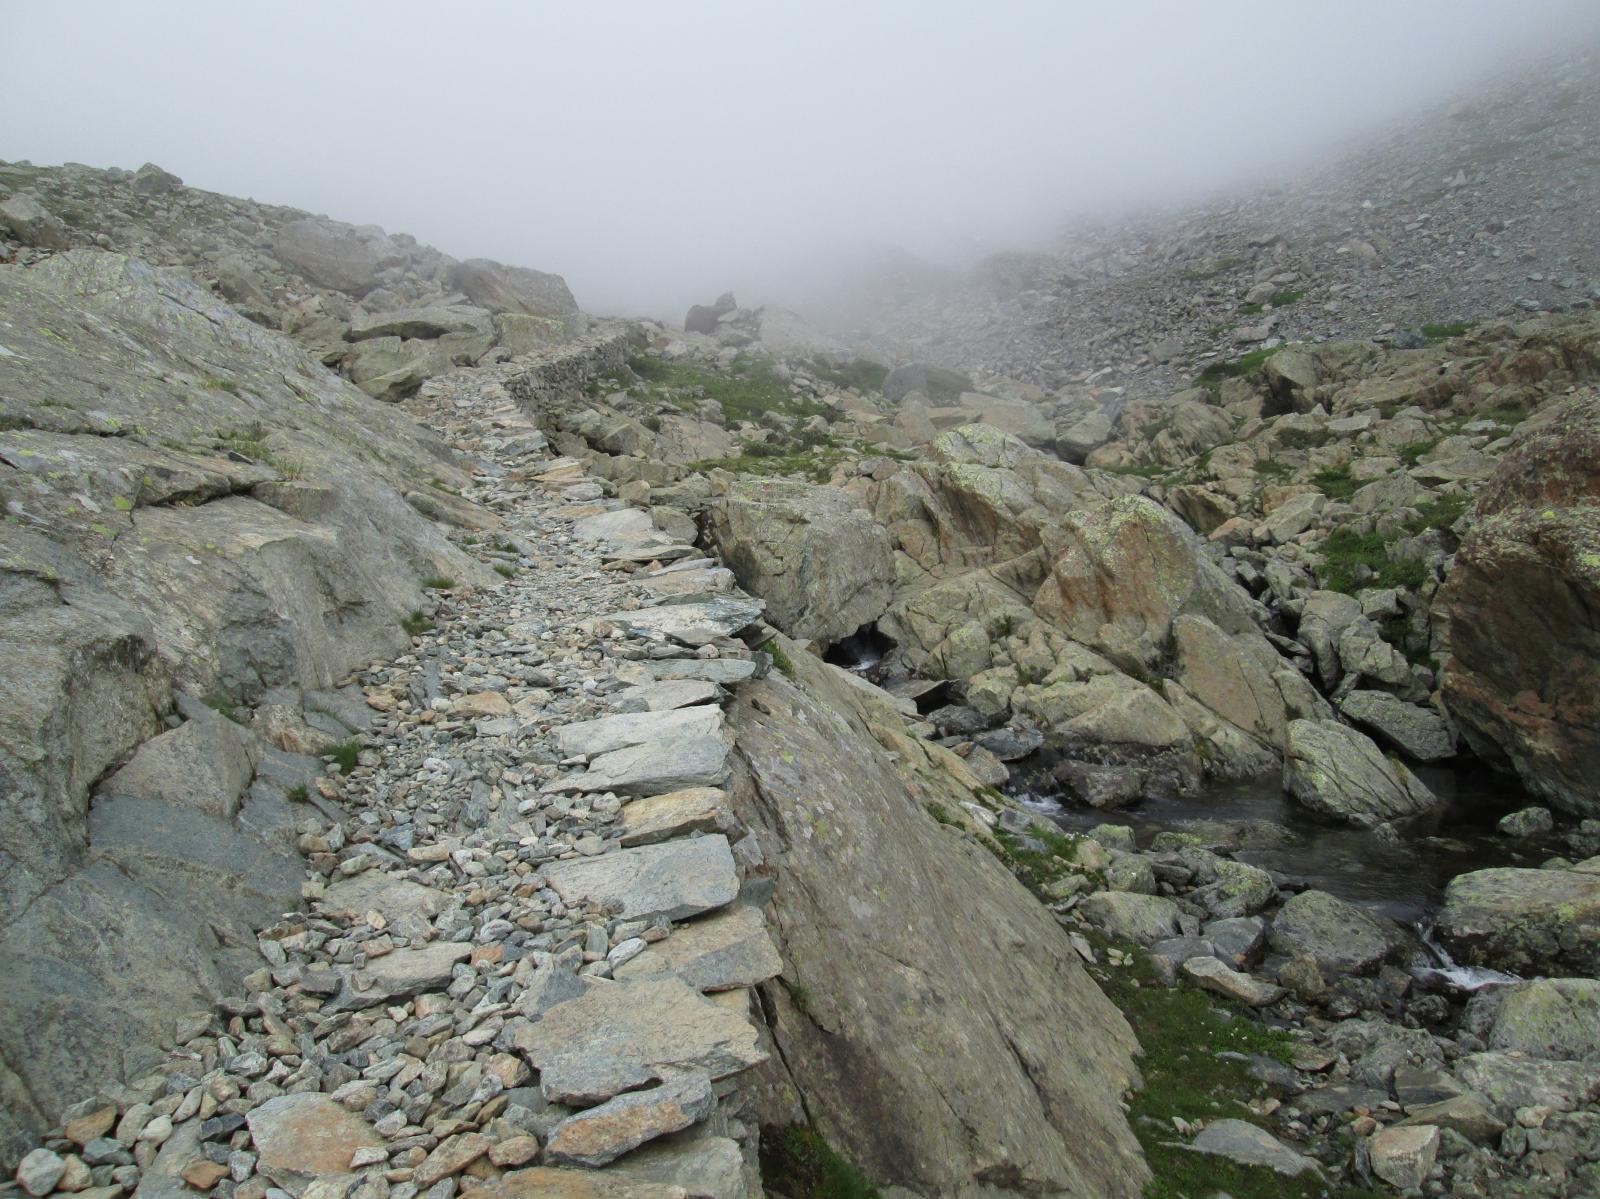 sentiero verso la miniera di ferro del lac gele'